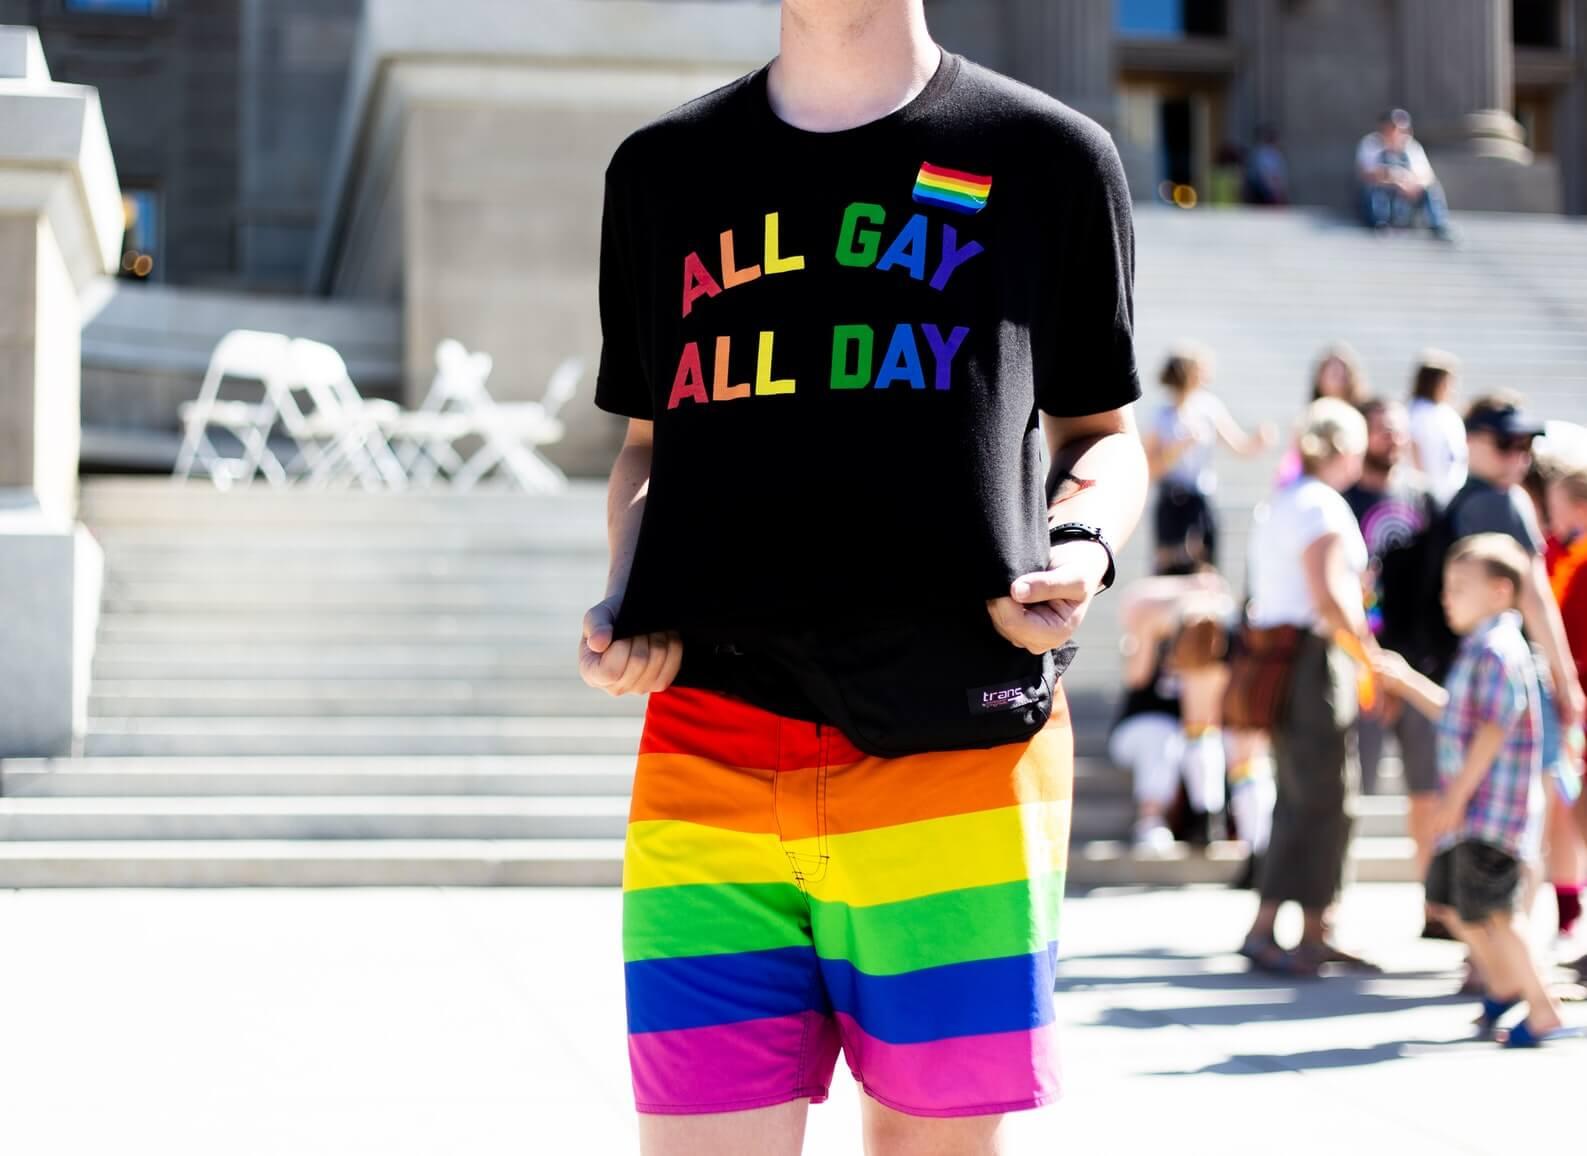 сколько геев в сша